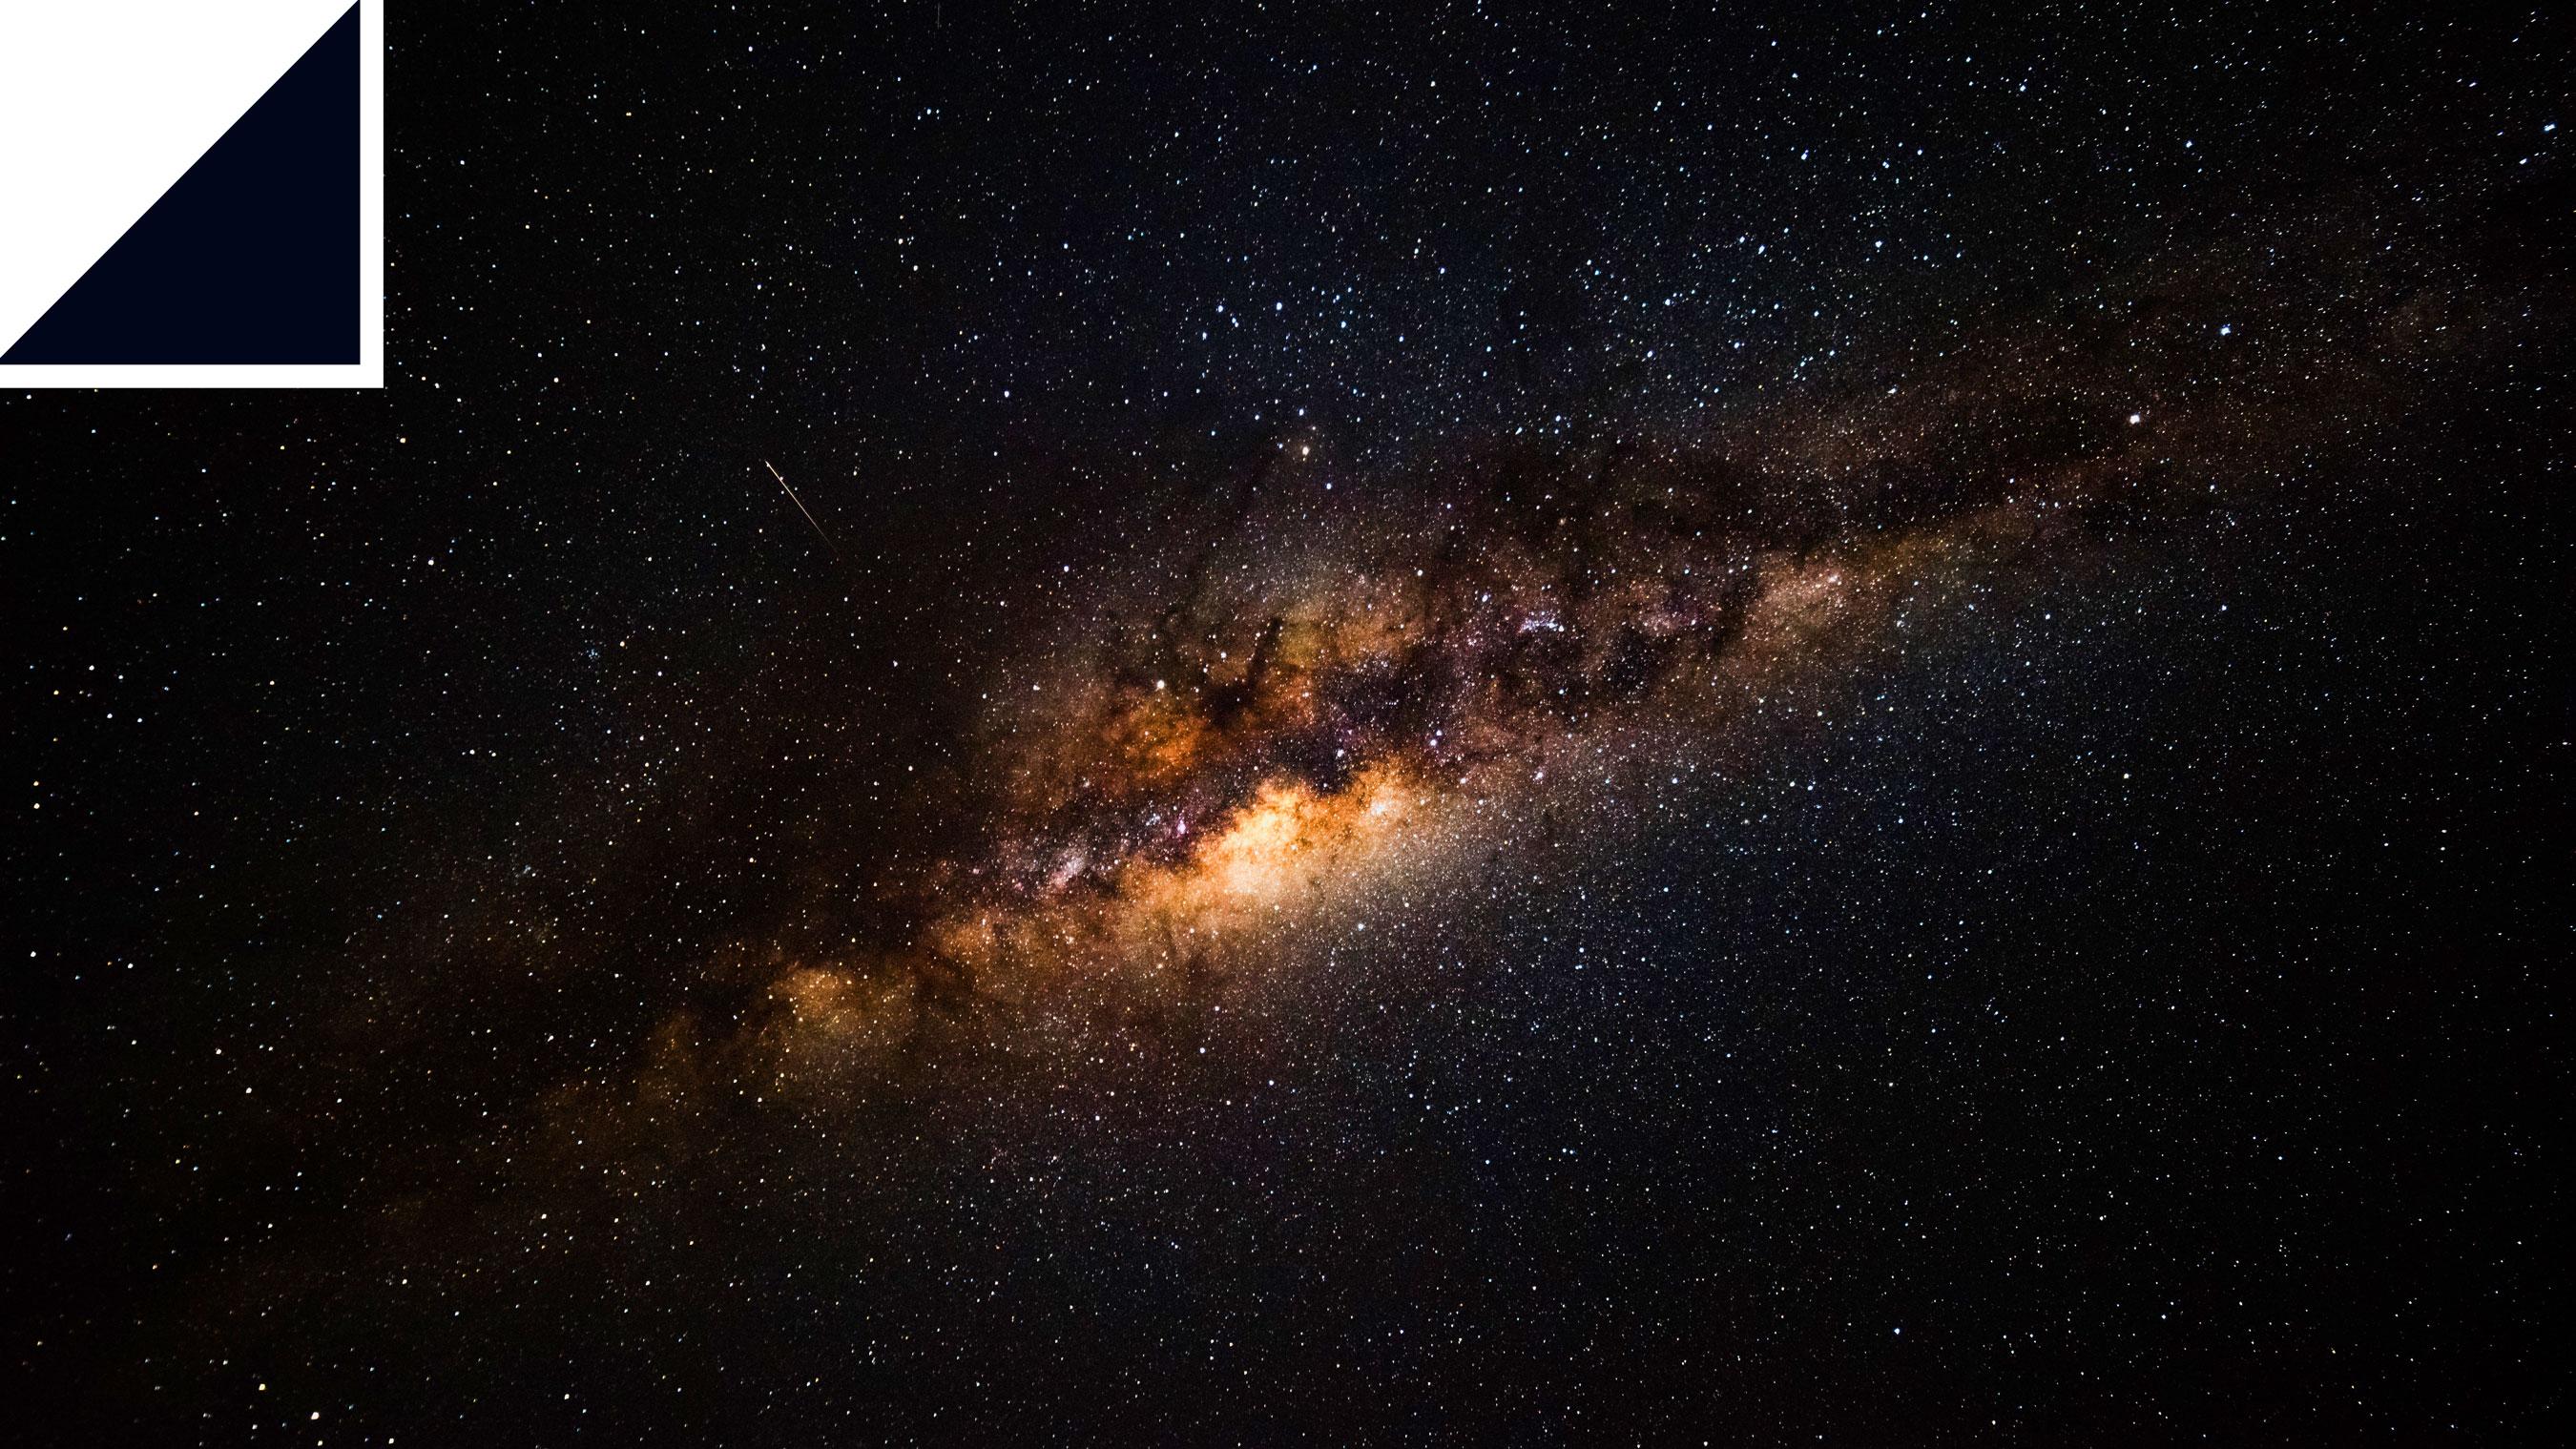 El SETI solo ha buscado vida inteligente en una región ínfima del universo